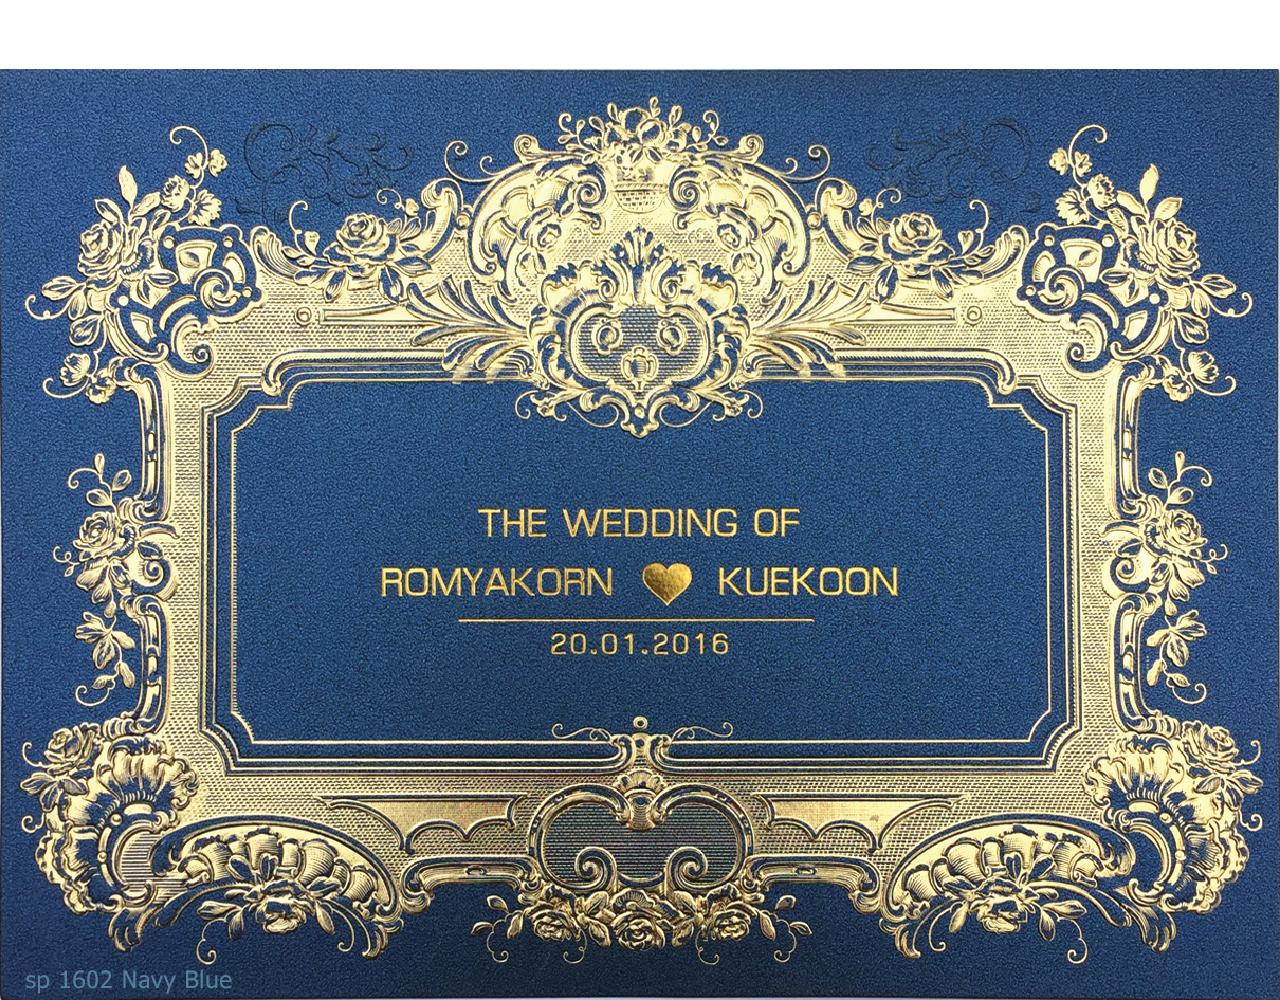 การ์ดแต่งงาน การ์ดเชิญ ดีไซน์หรู สีมุกน้ำเงิน 2 พับ ขนาดใหญ่ ลวดลายปั๊มนูน wedding card 8.5x6 inch sp 1602 nayy